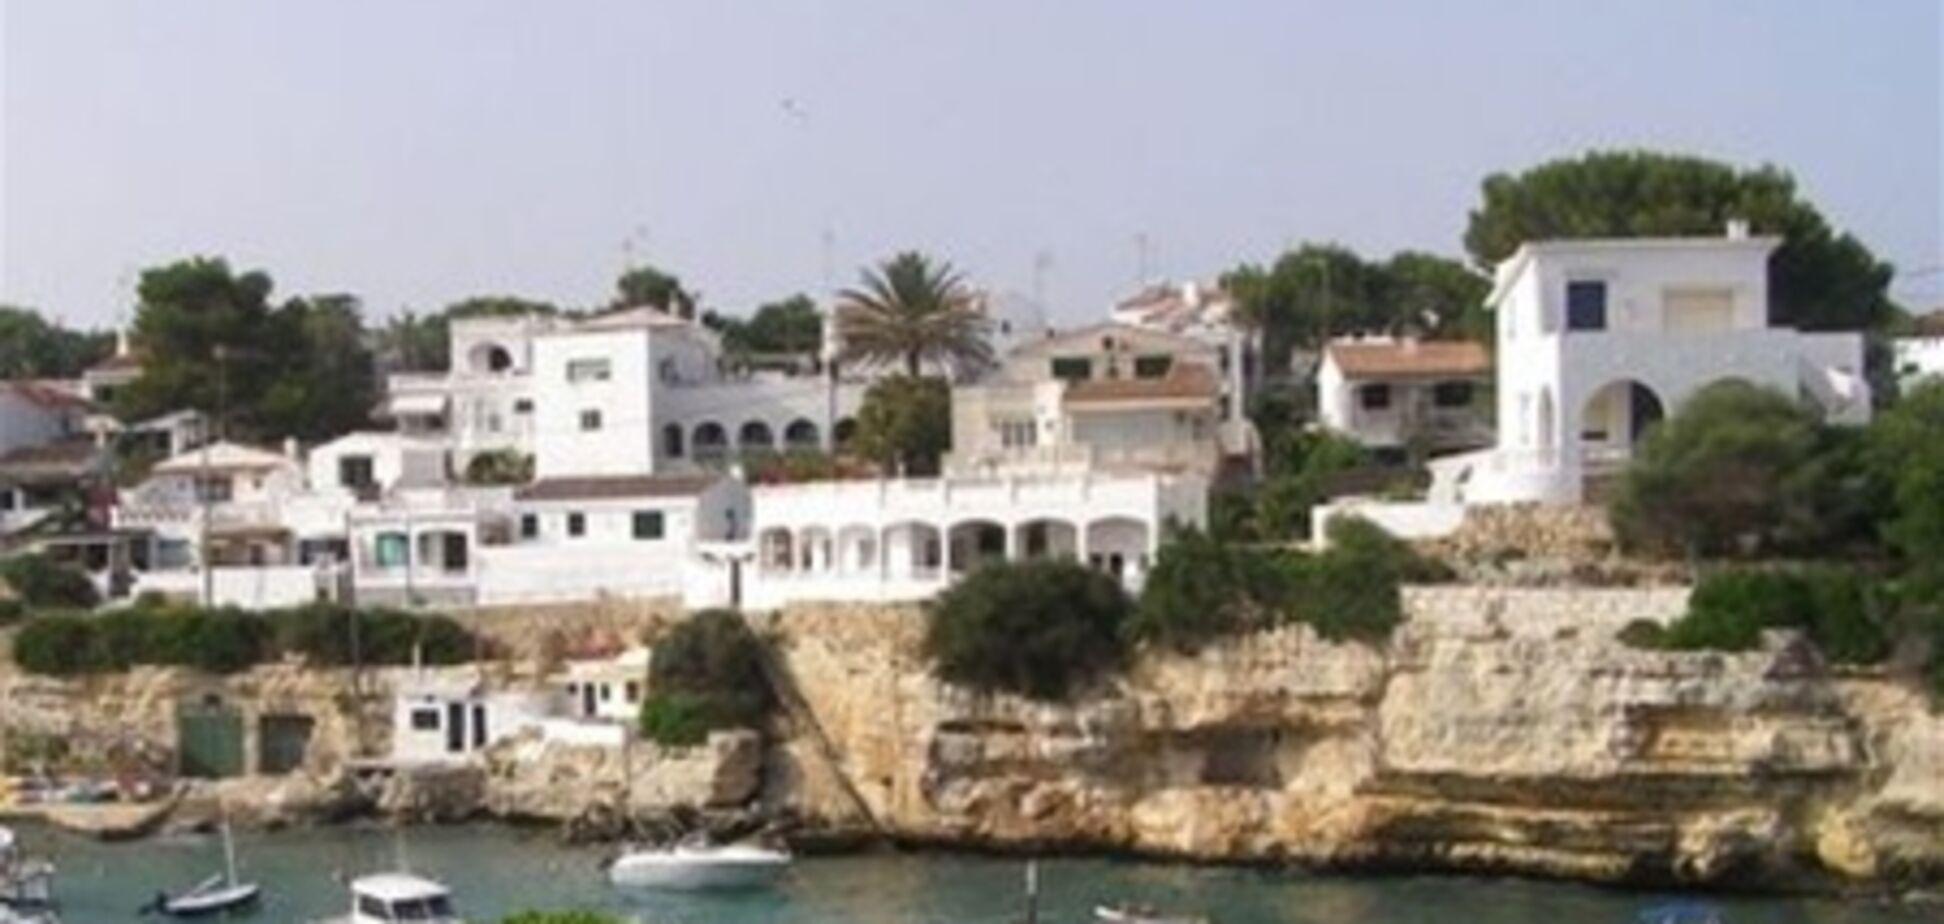 Цены на новое жилье в Испании упали на 35 %